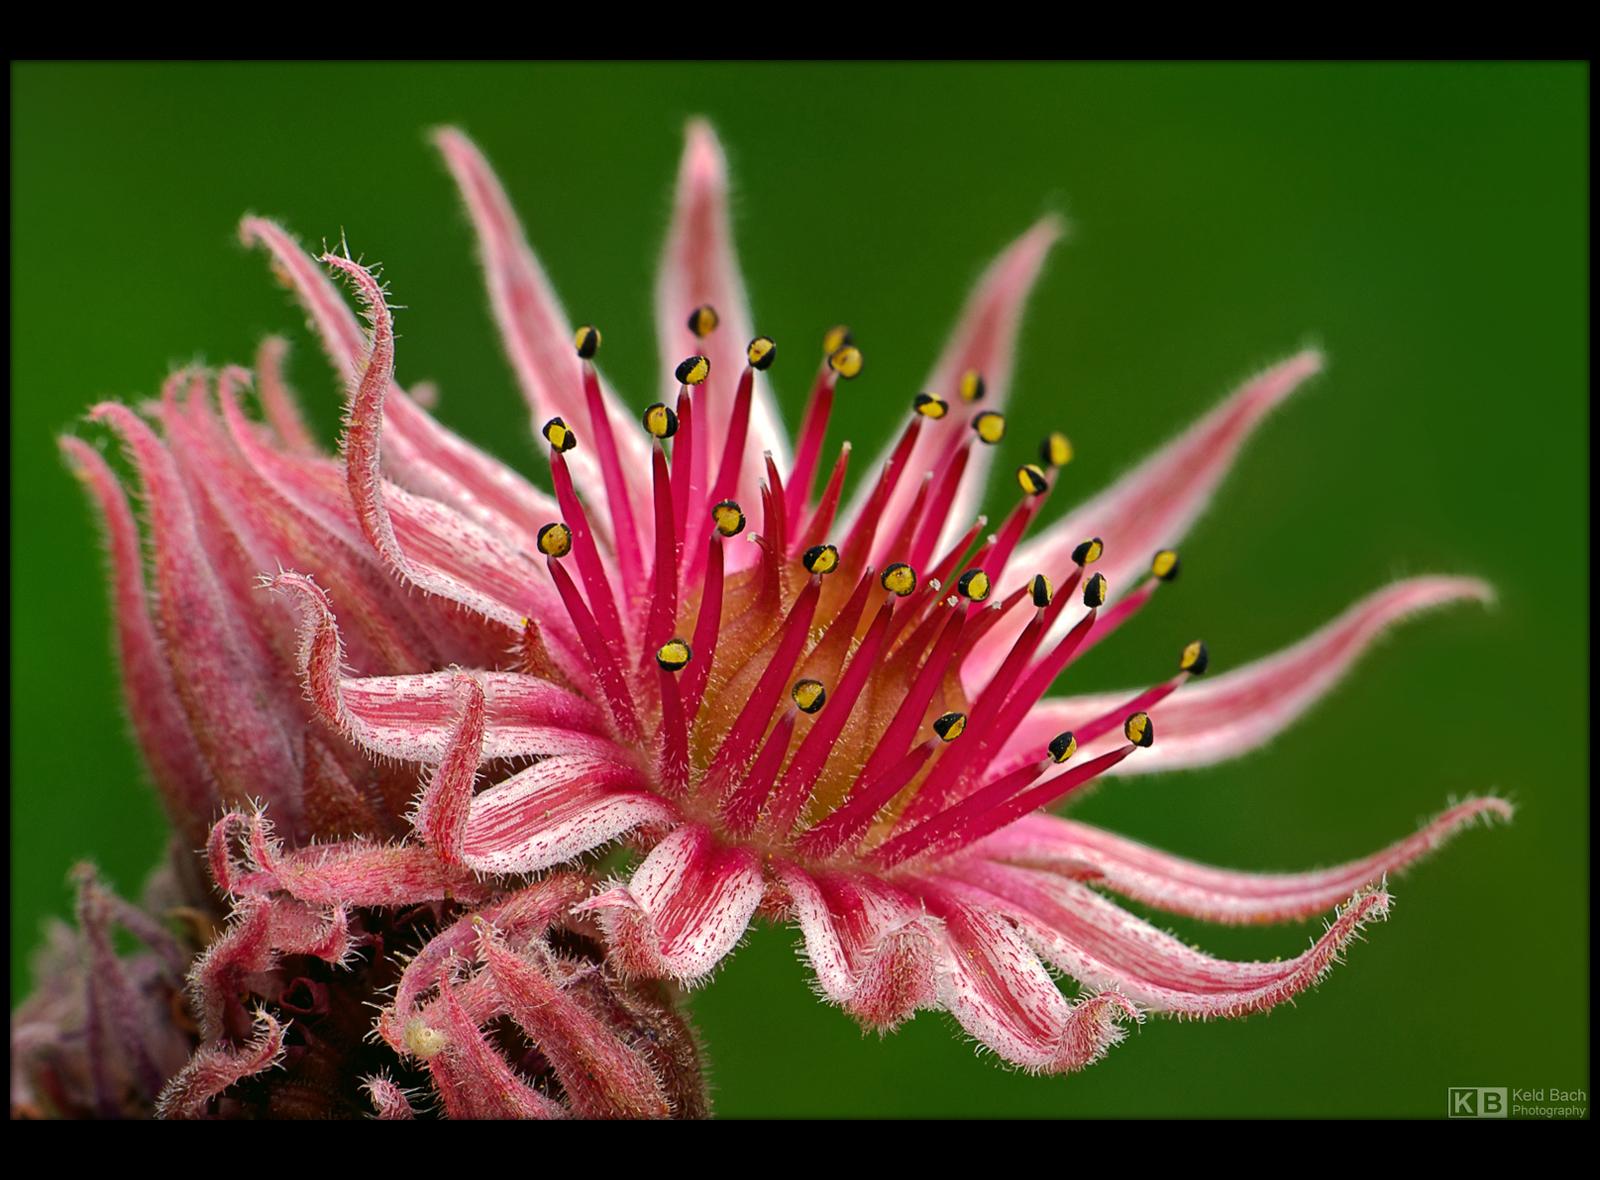 Crazy Flower by KeldBach